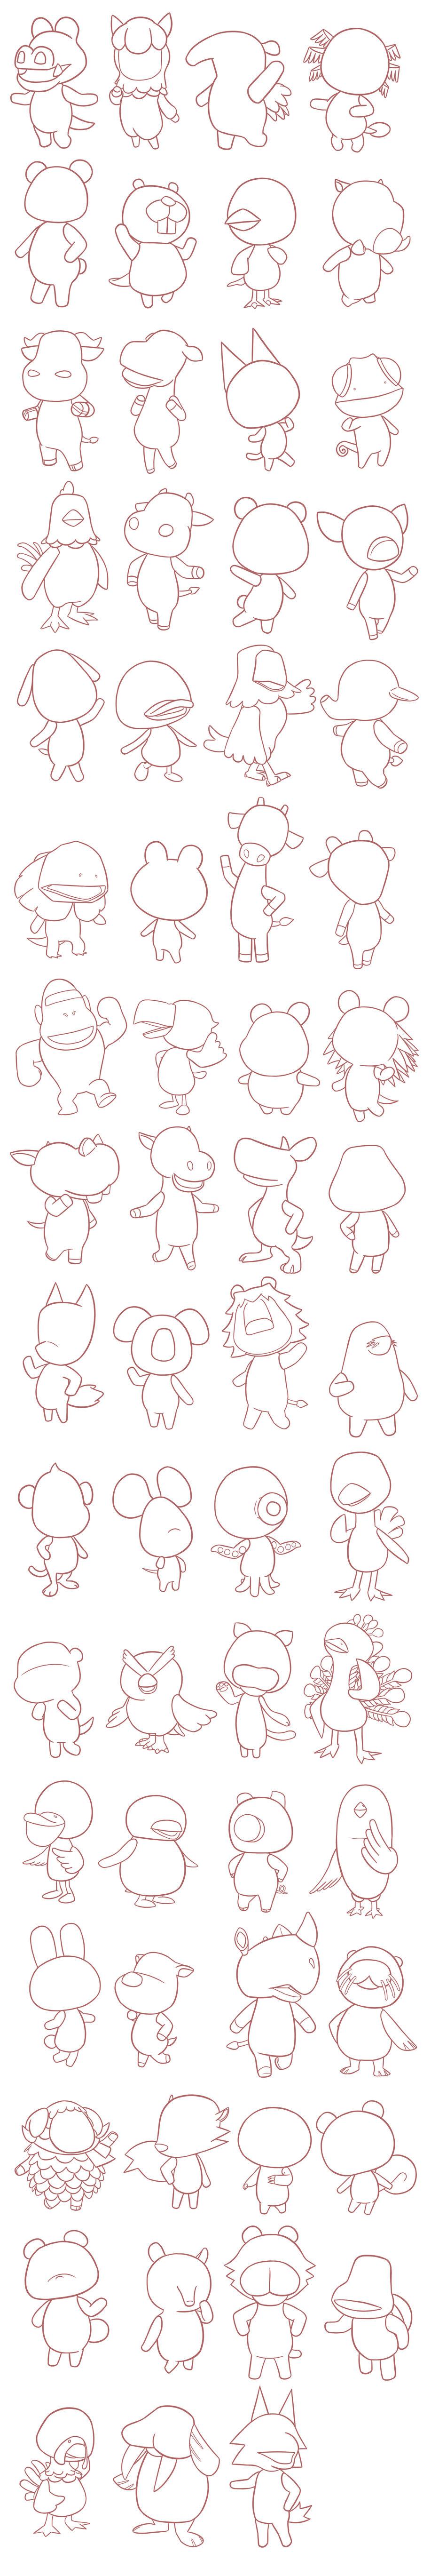 Animal Crossing Villagers Base F2u By Misskanabelle On Deviantart